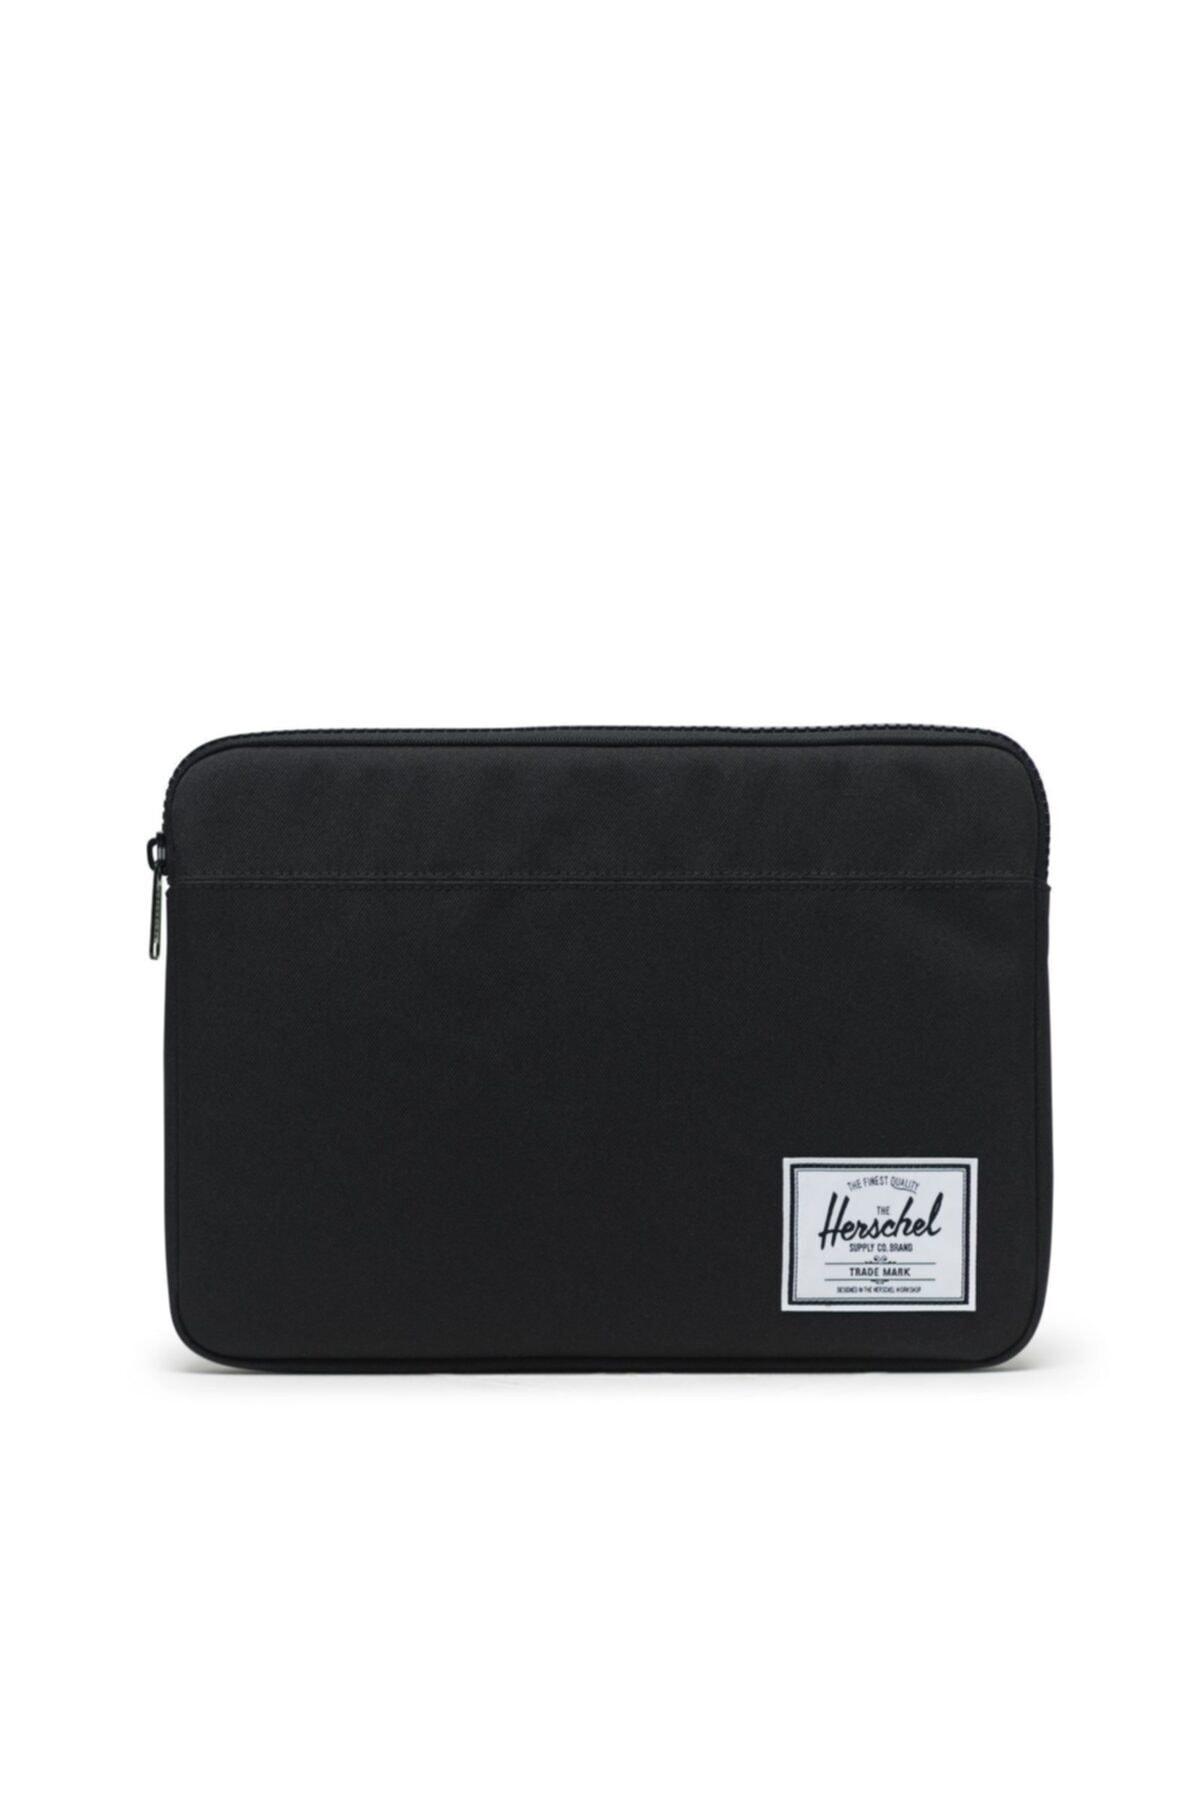 Herschel Supply Co. Herschel Supply Laptop Kılıfı Anchor Sleeve For New 13 Inch Macbook Black 1